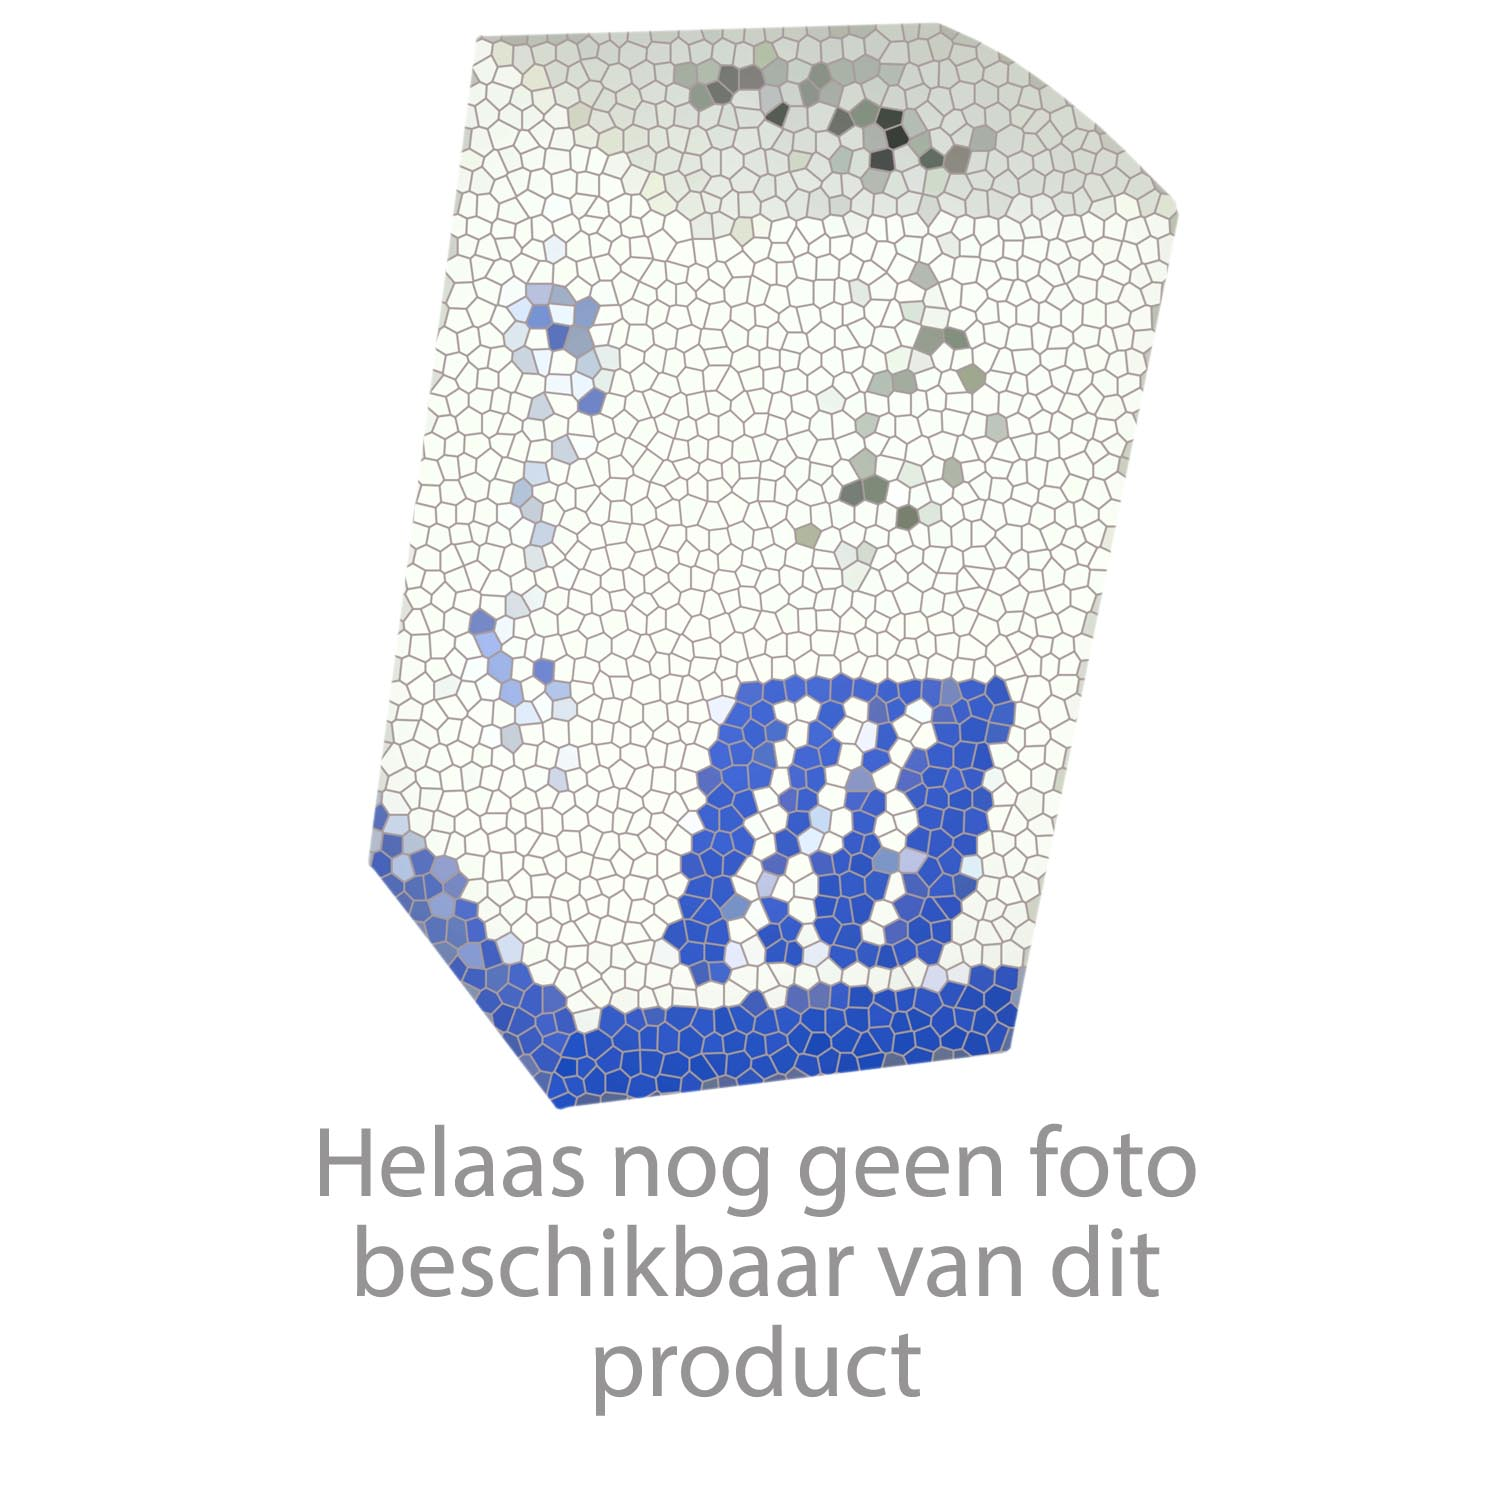 HansGrohe Afvoer- en overloopgarnituren Excentra Fill productiejaar 01/89 - 06/00 96527 onderdelen